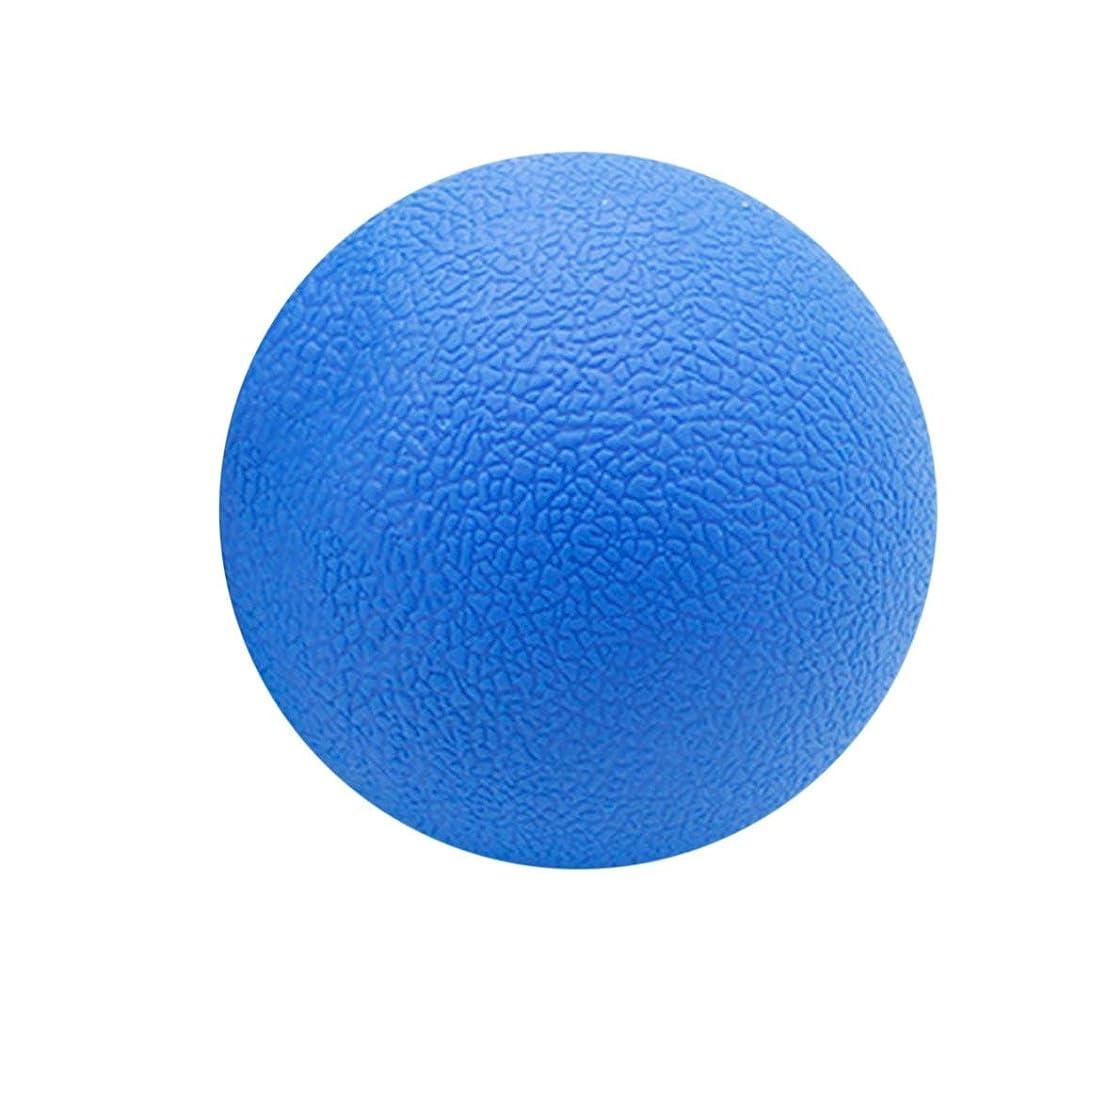 方法郵便局手首フィットネスリリーフジムシングルボールマッサージボールトレーニングフェイシアホッケーボール6.3cmマッサージフィットネスボールリラックスマッスルボール-青